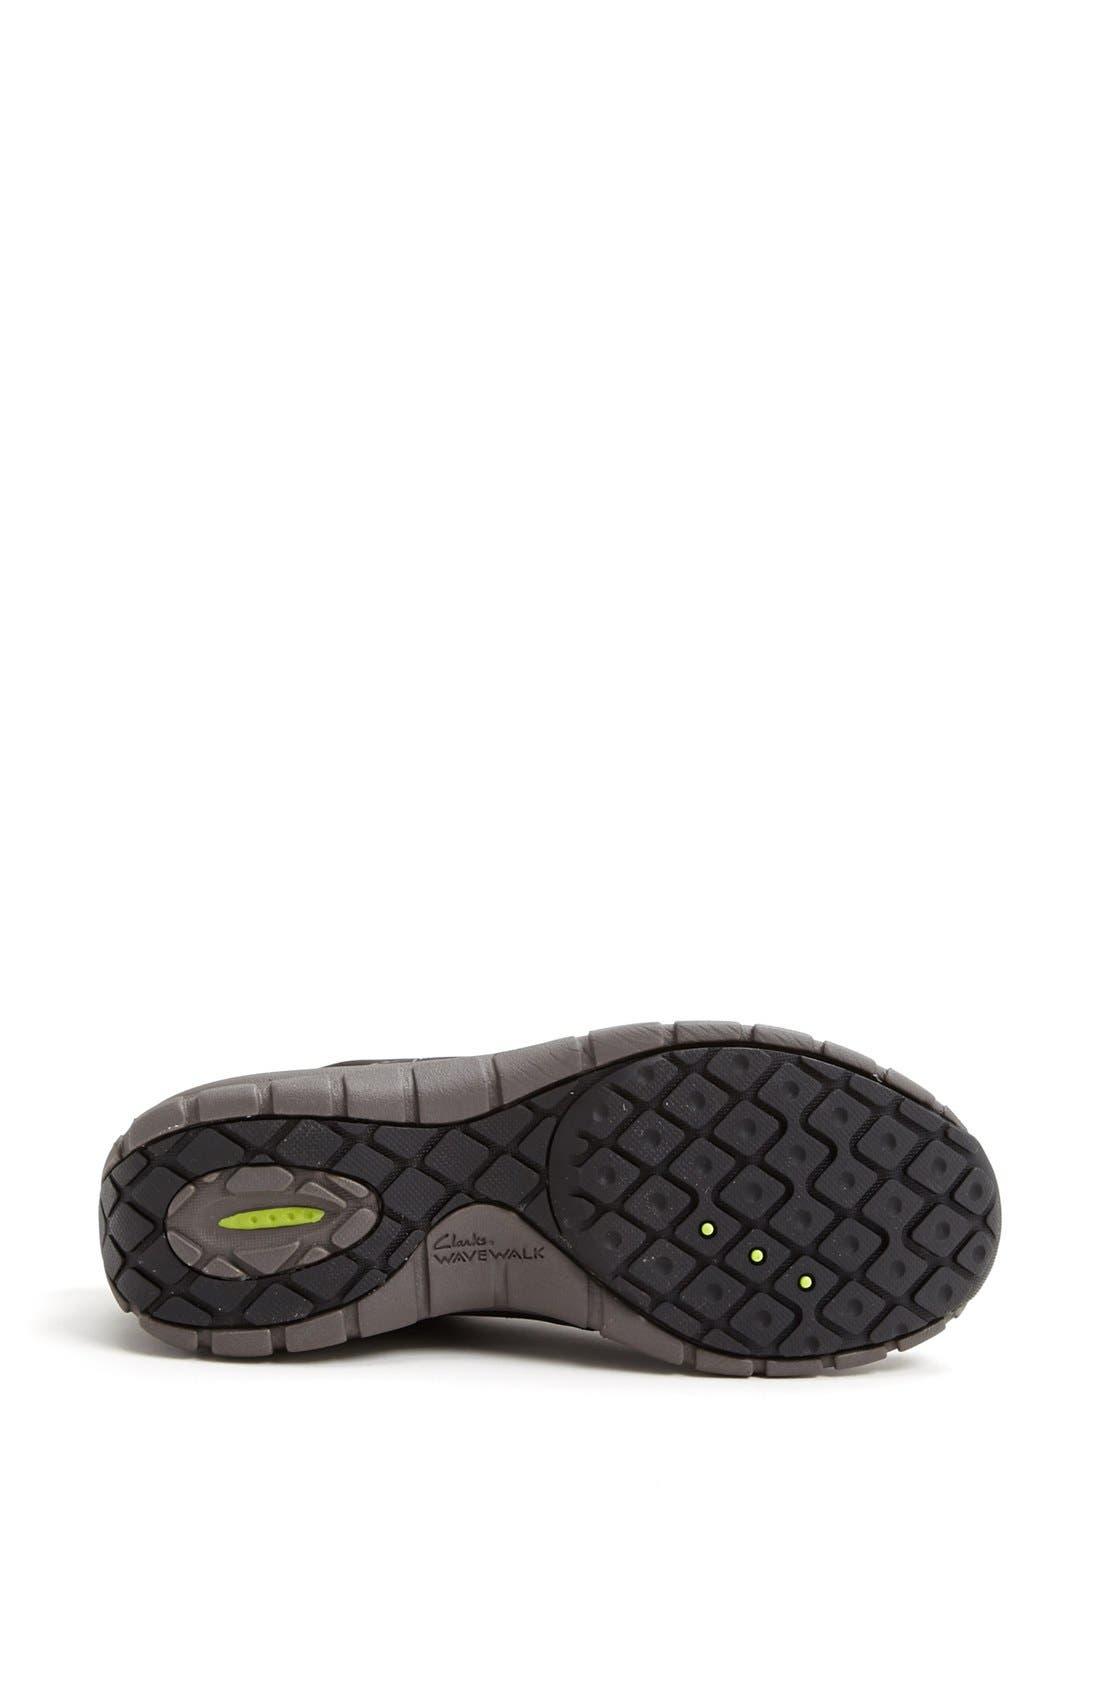 'Wave Trek' Waterproof Sneaker,                             Alternate thumbnail 2, color,                             BLACK